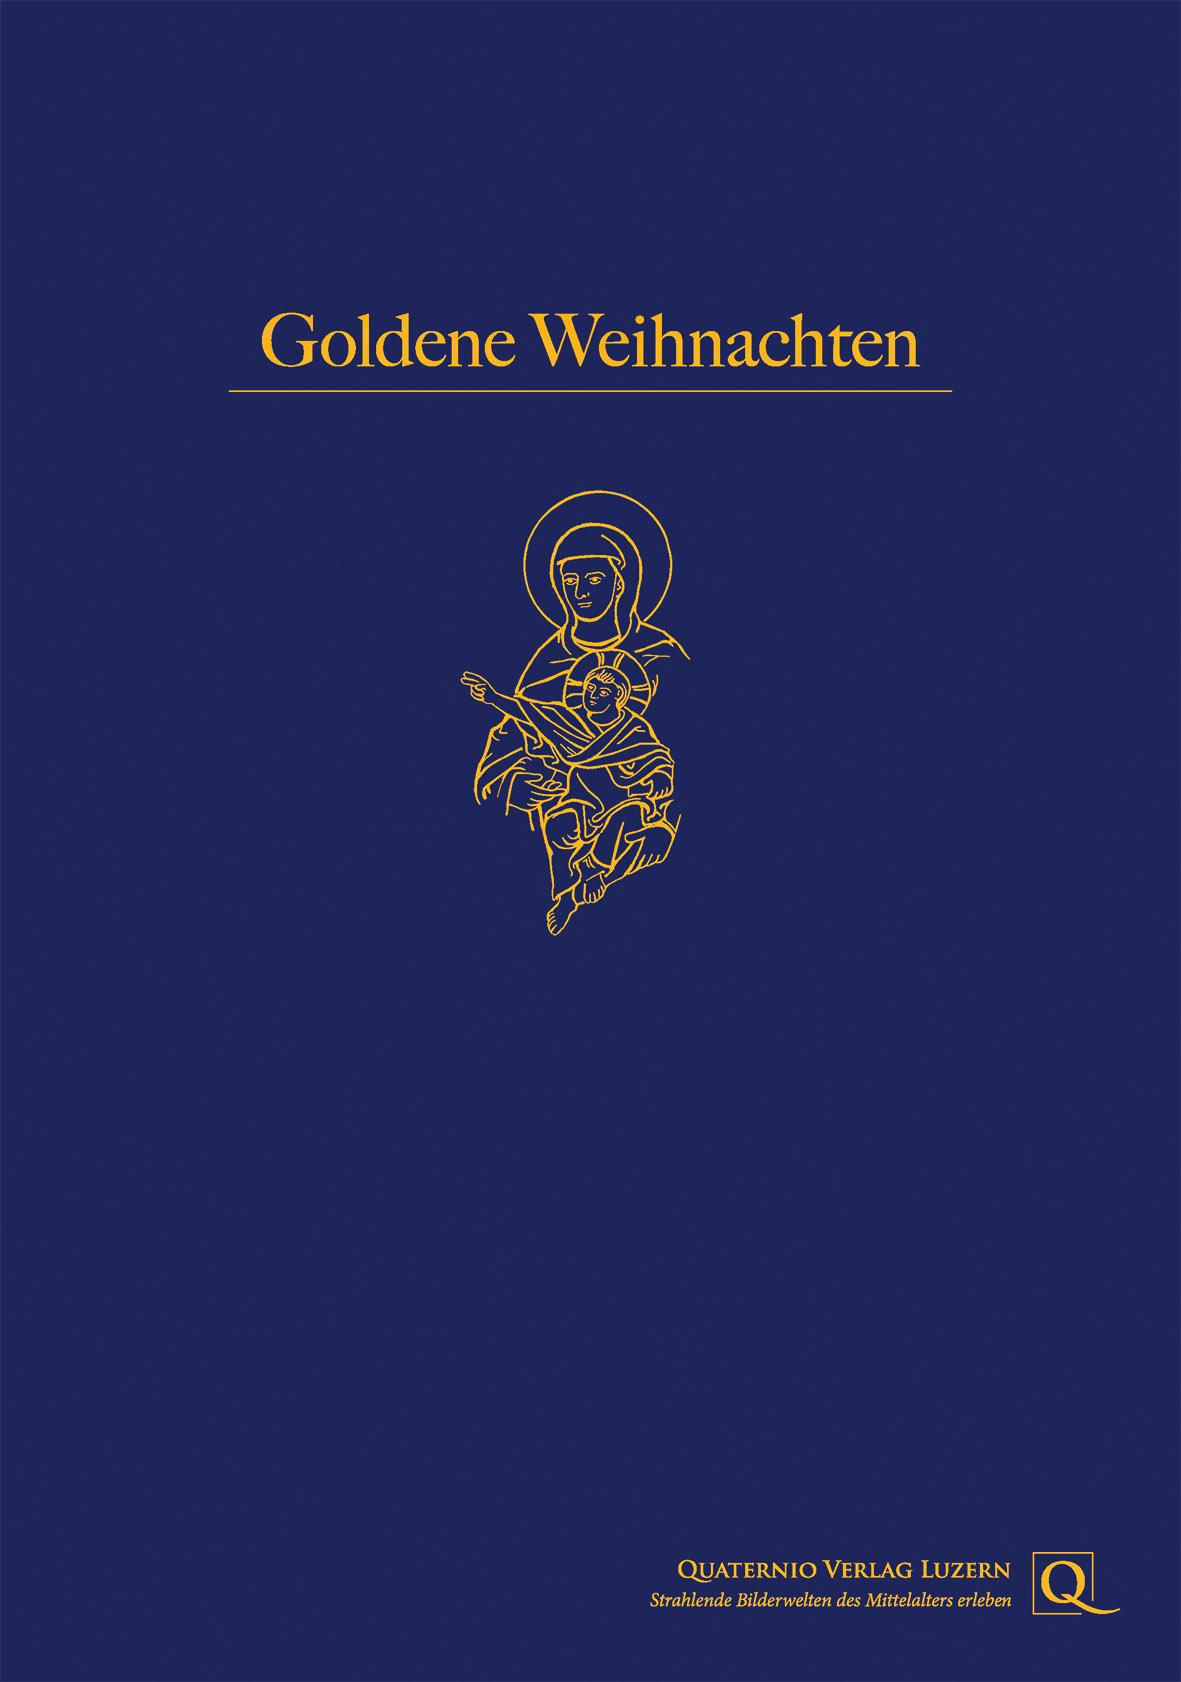 Wall calendar - Edition Buch & Kunst - Quaternio Verlag Luzern